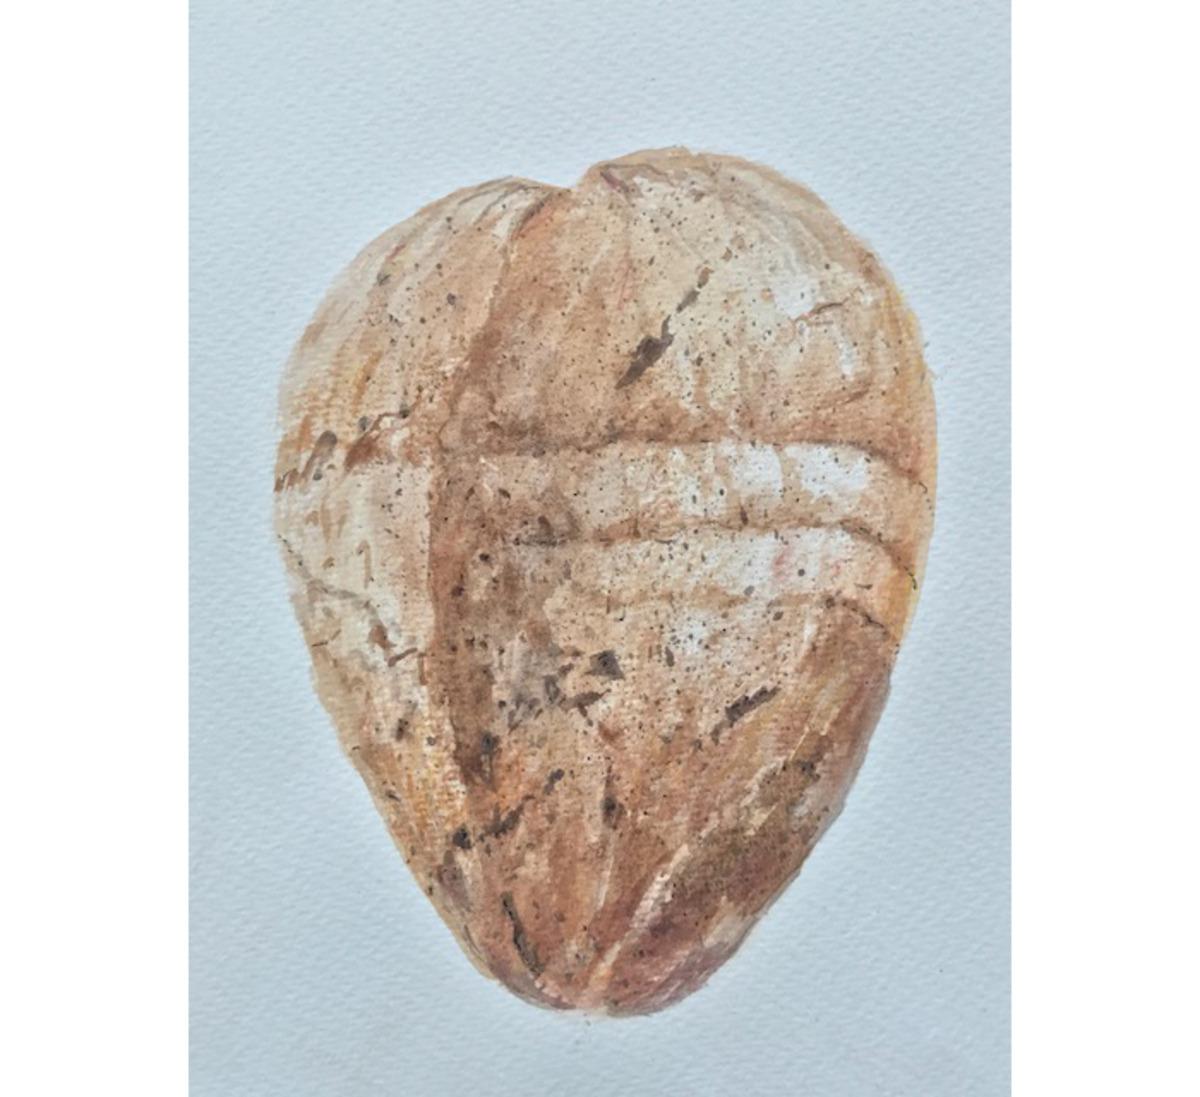 Coconut 3 , Sri Lanka